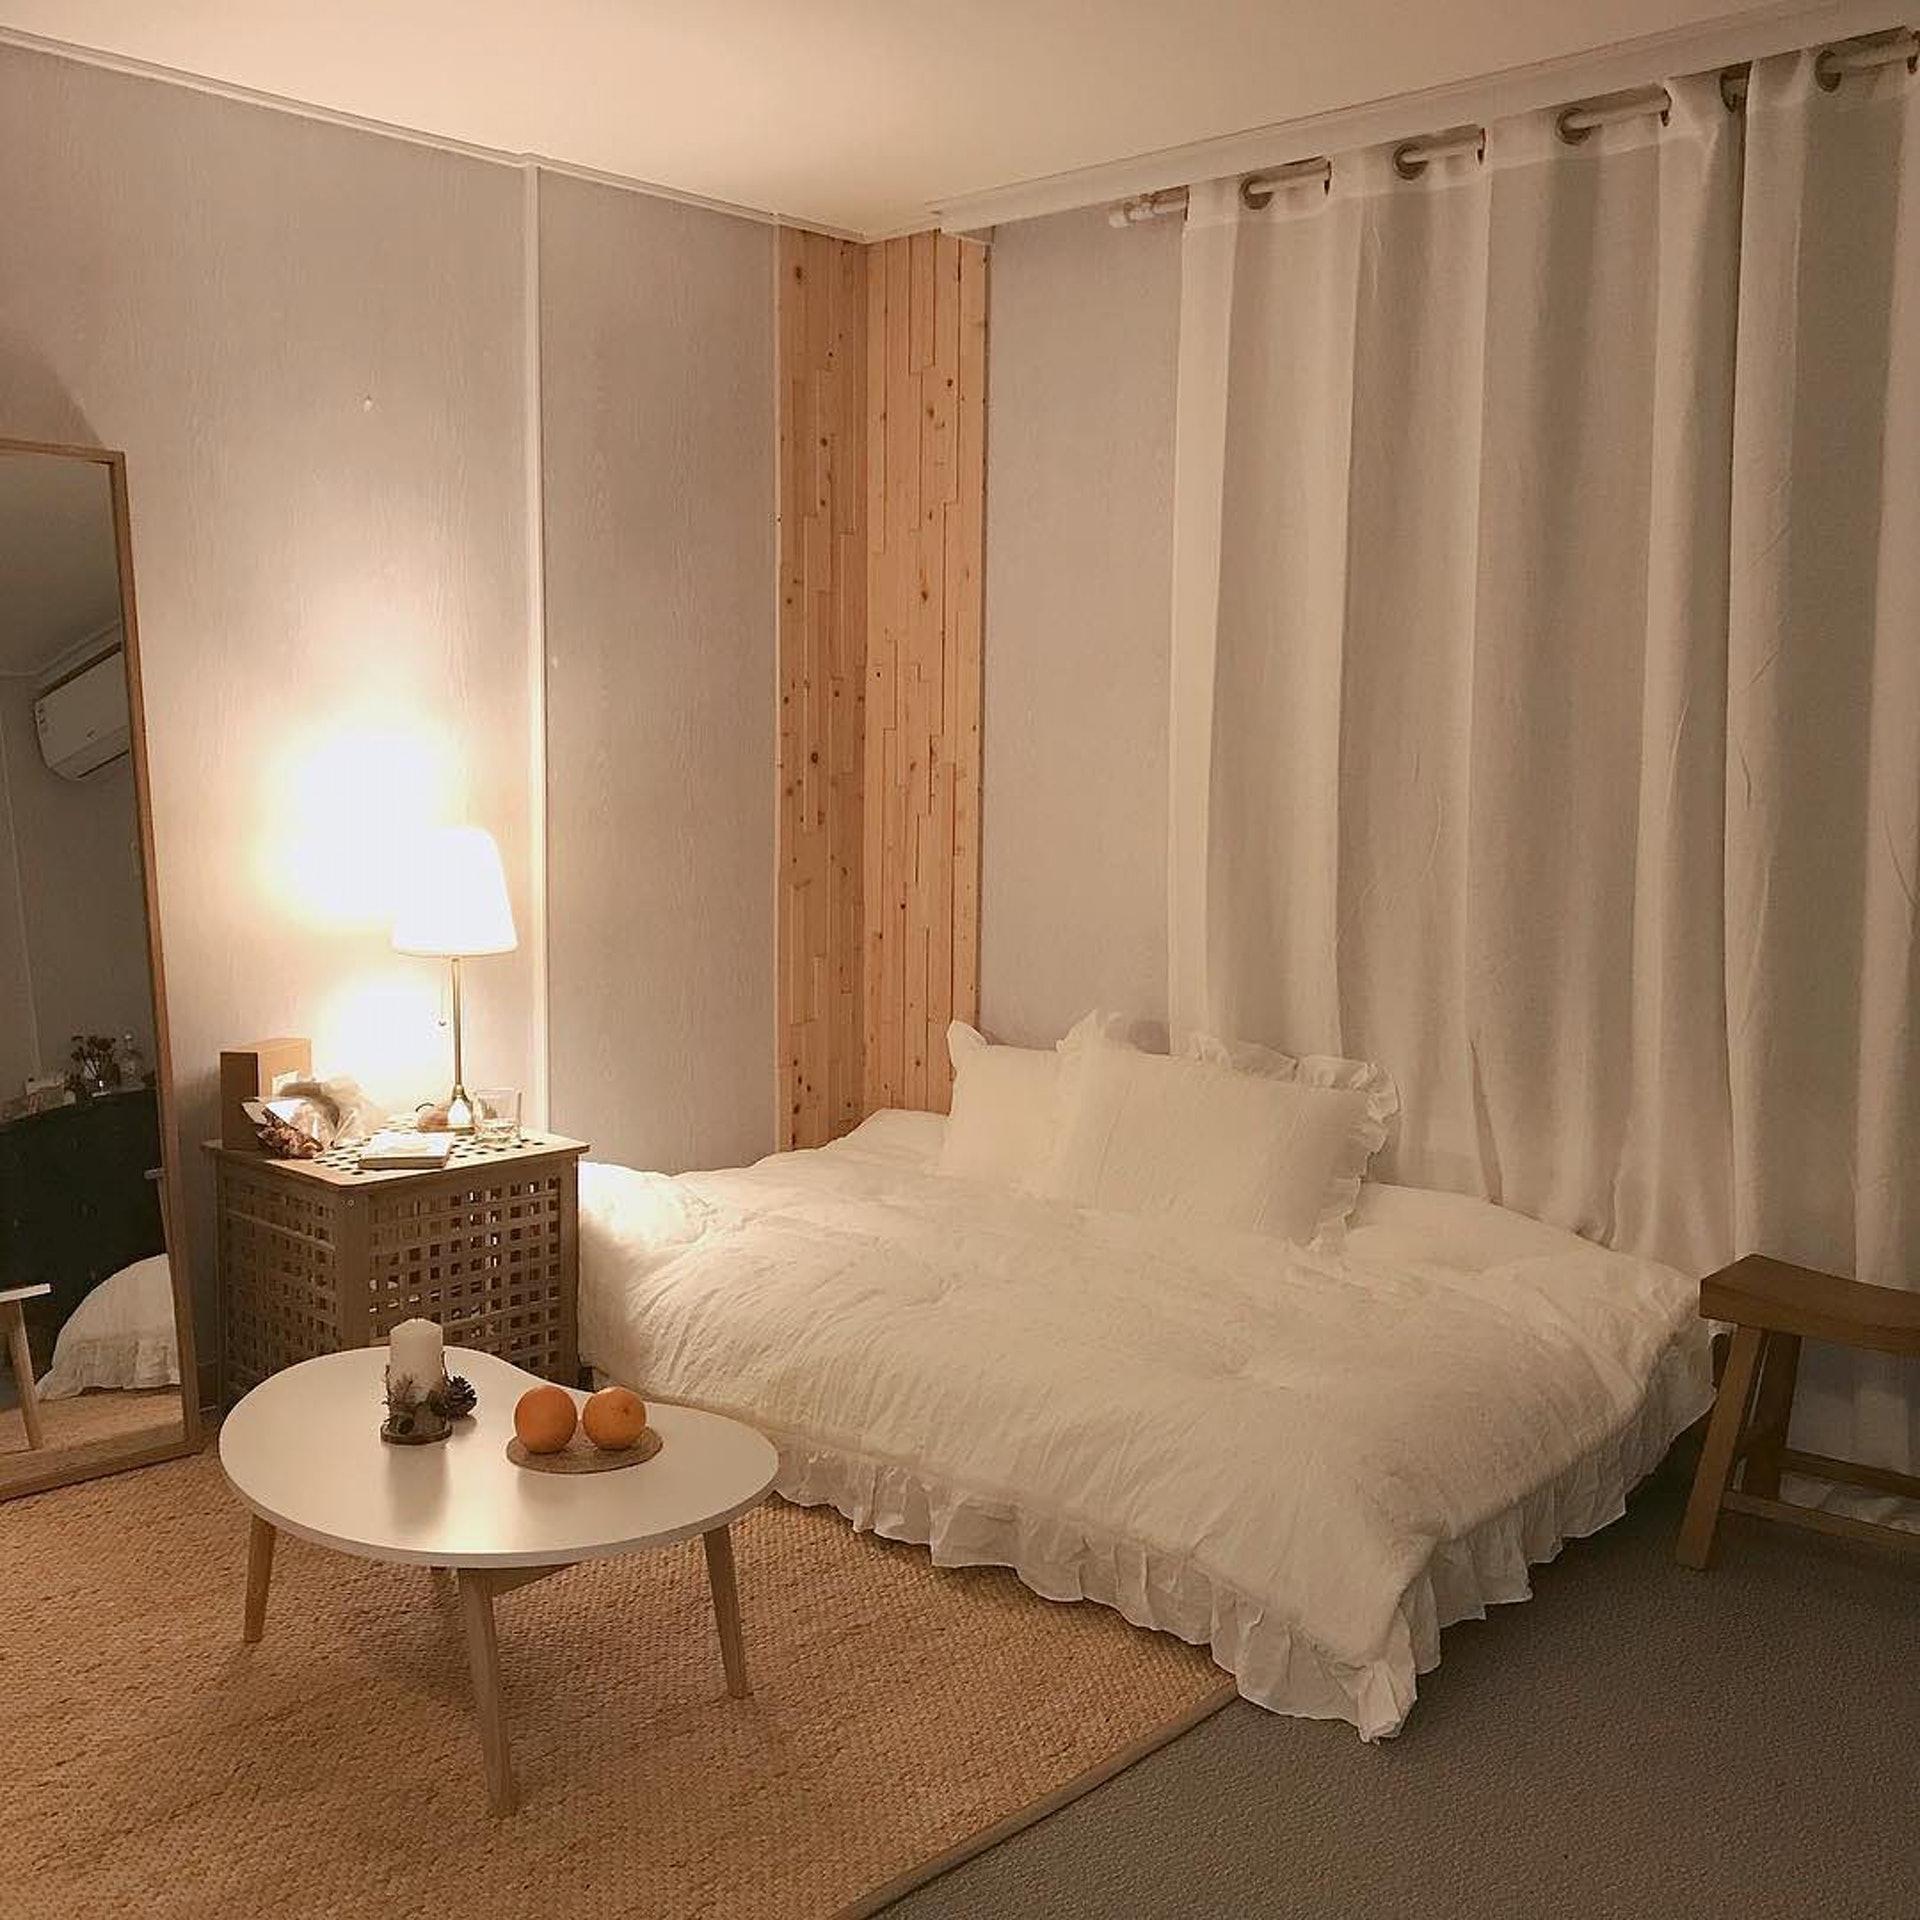 透過窗外的自然光,照射在白色家具上,使整個空間舒適又明亮。/© Instagram (@chance_deco)